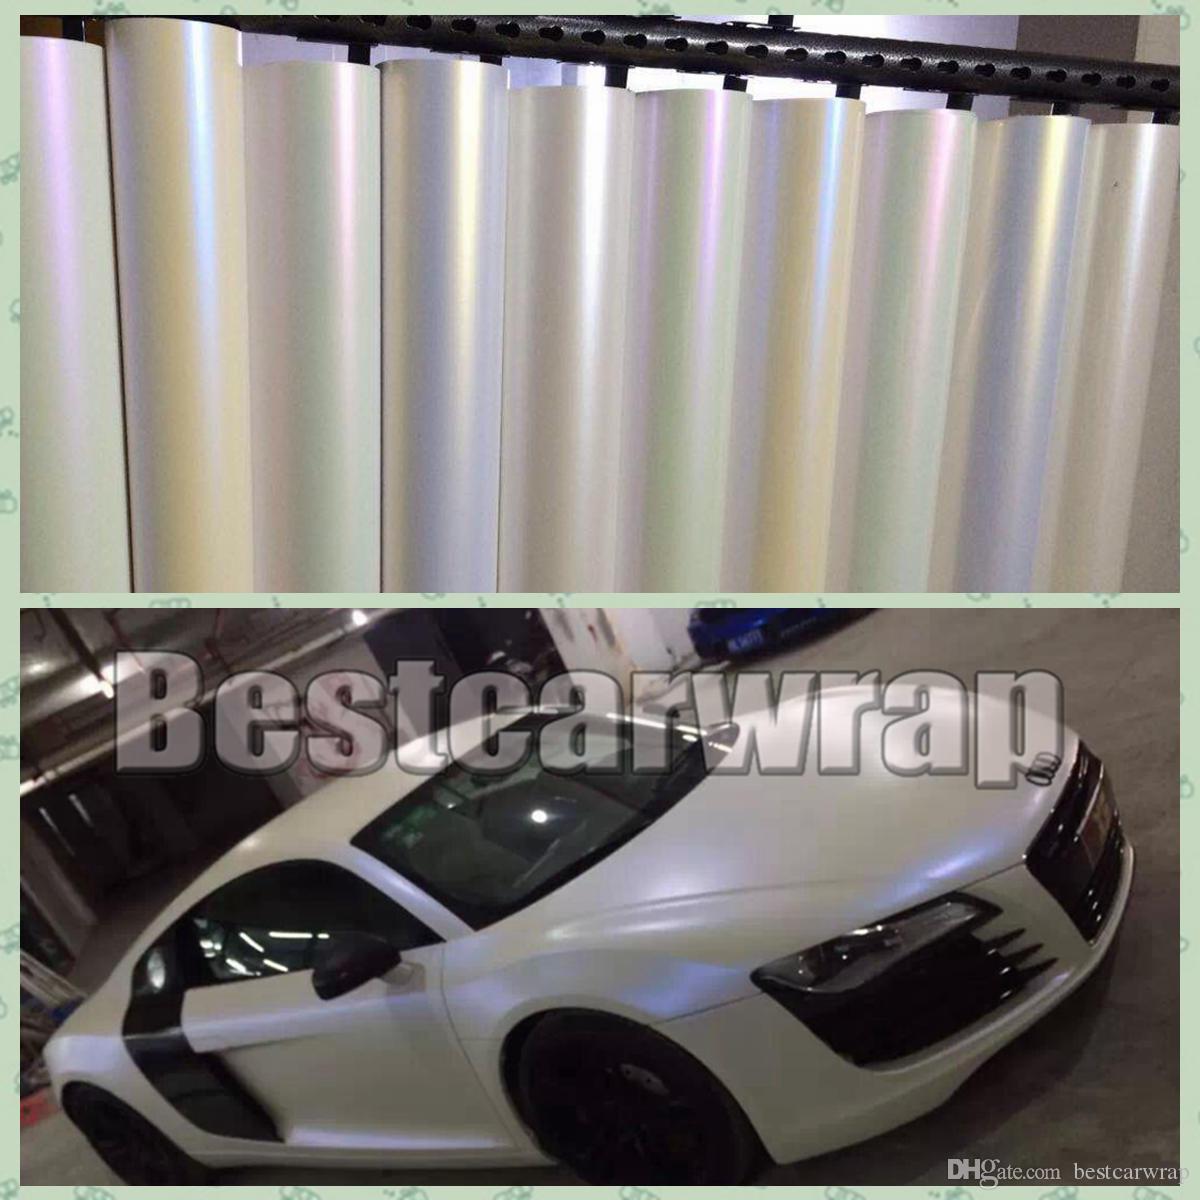 Различные цвета сатинированные белые жемчужины виниловой упаковки автомобиль автомобиль завернут наклейки наклейки с низкой прихваткой клей 3 м Размер качества 1,52x20 м / рулон 5x65ft